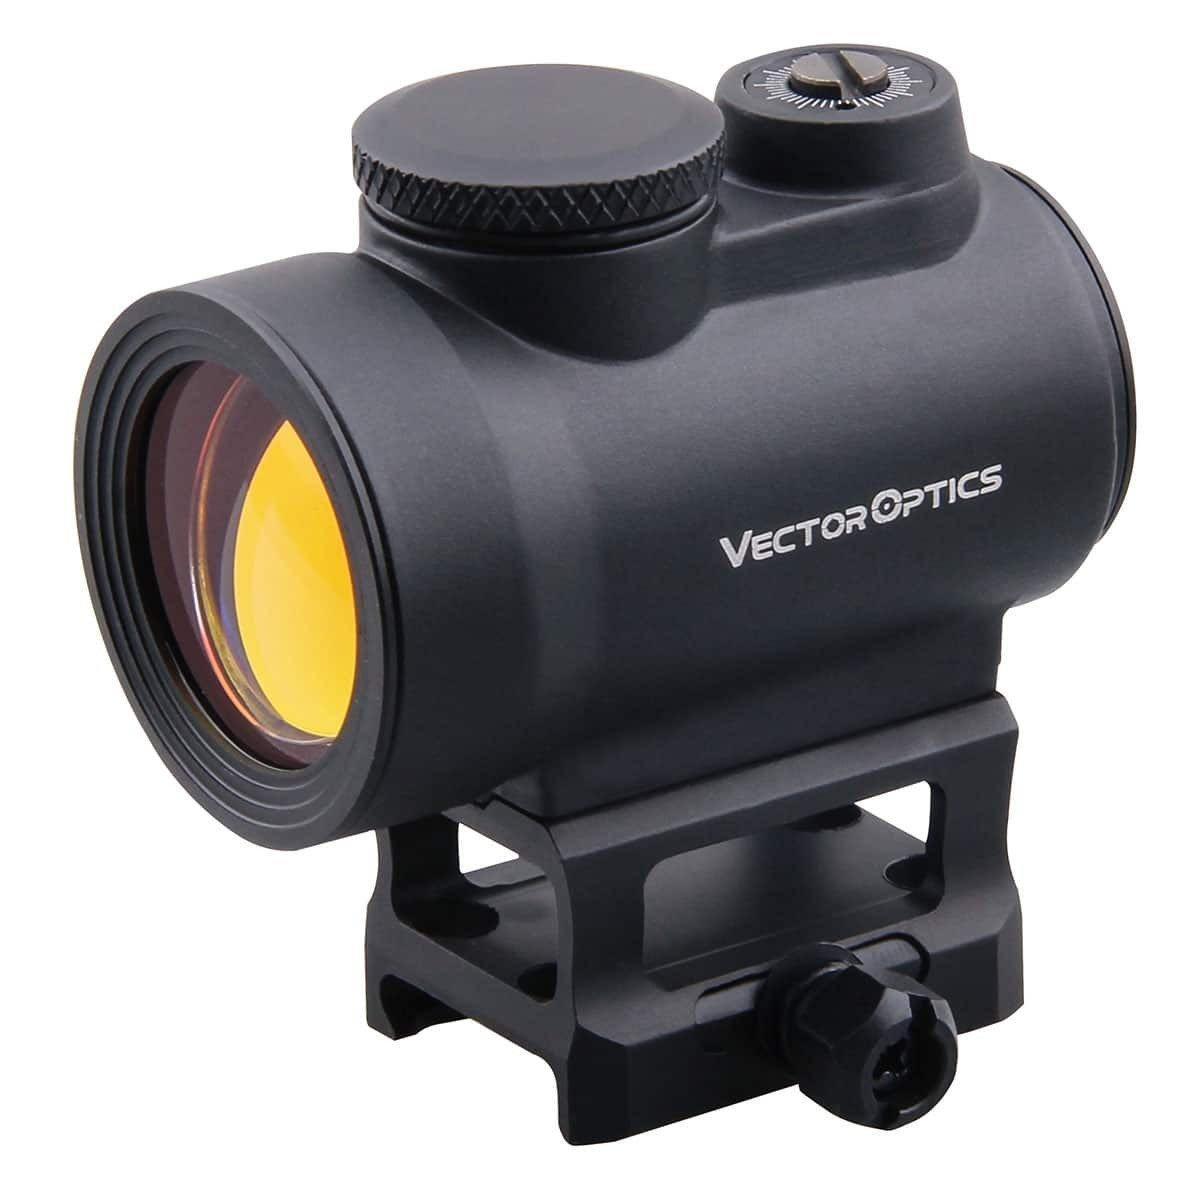 Vector Optics Centurion 1x30 Red Dot Sight: Not includes battery (SCRD-34)